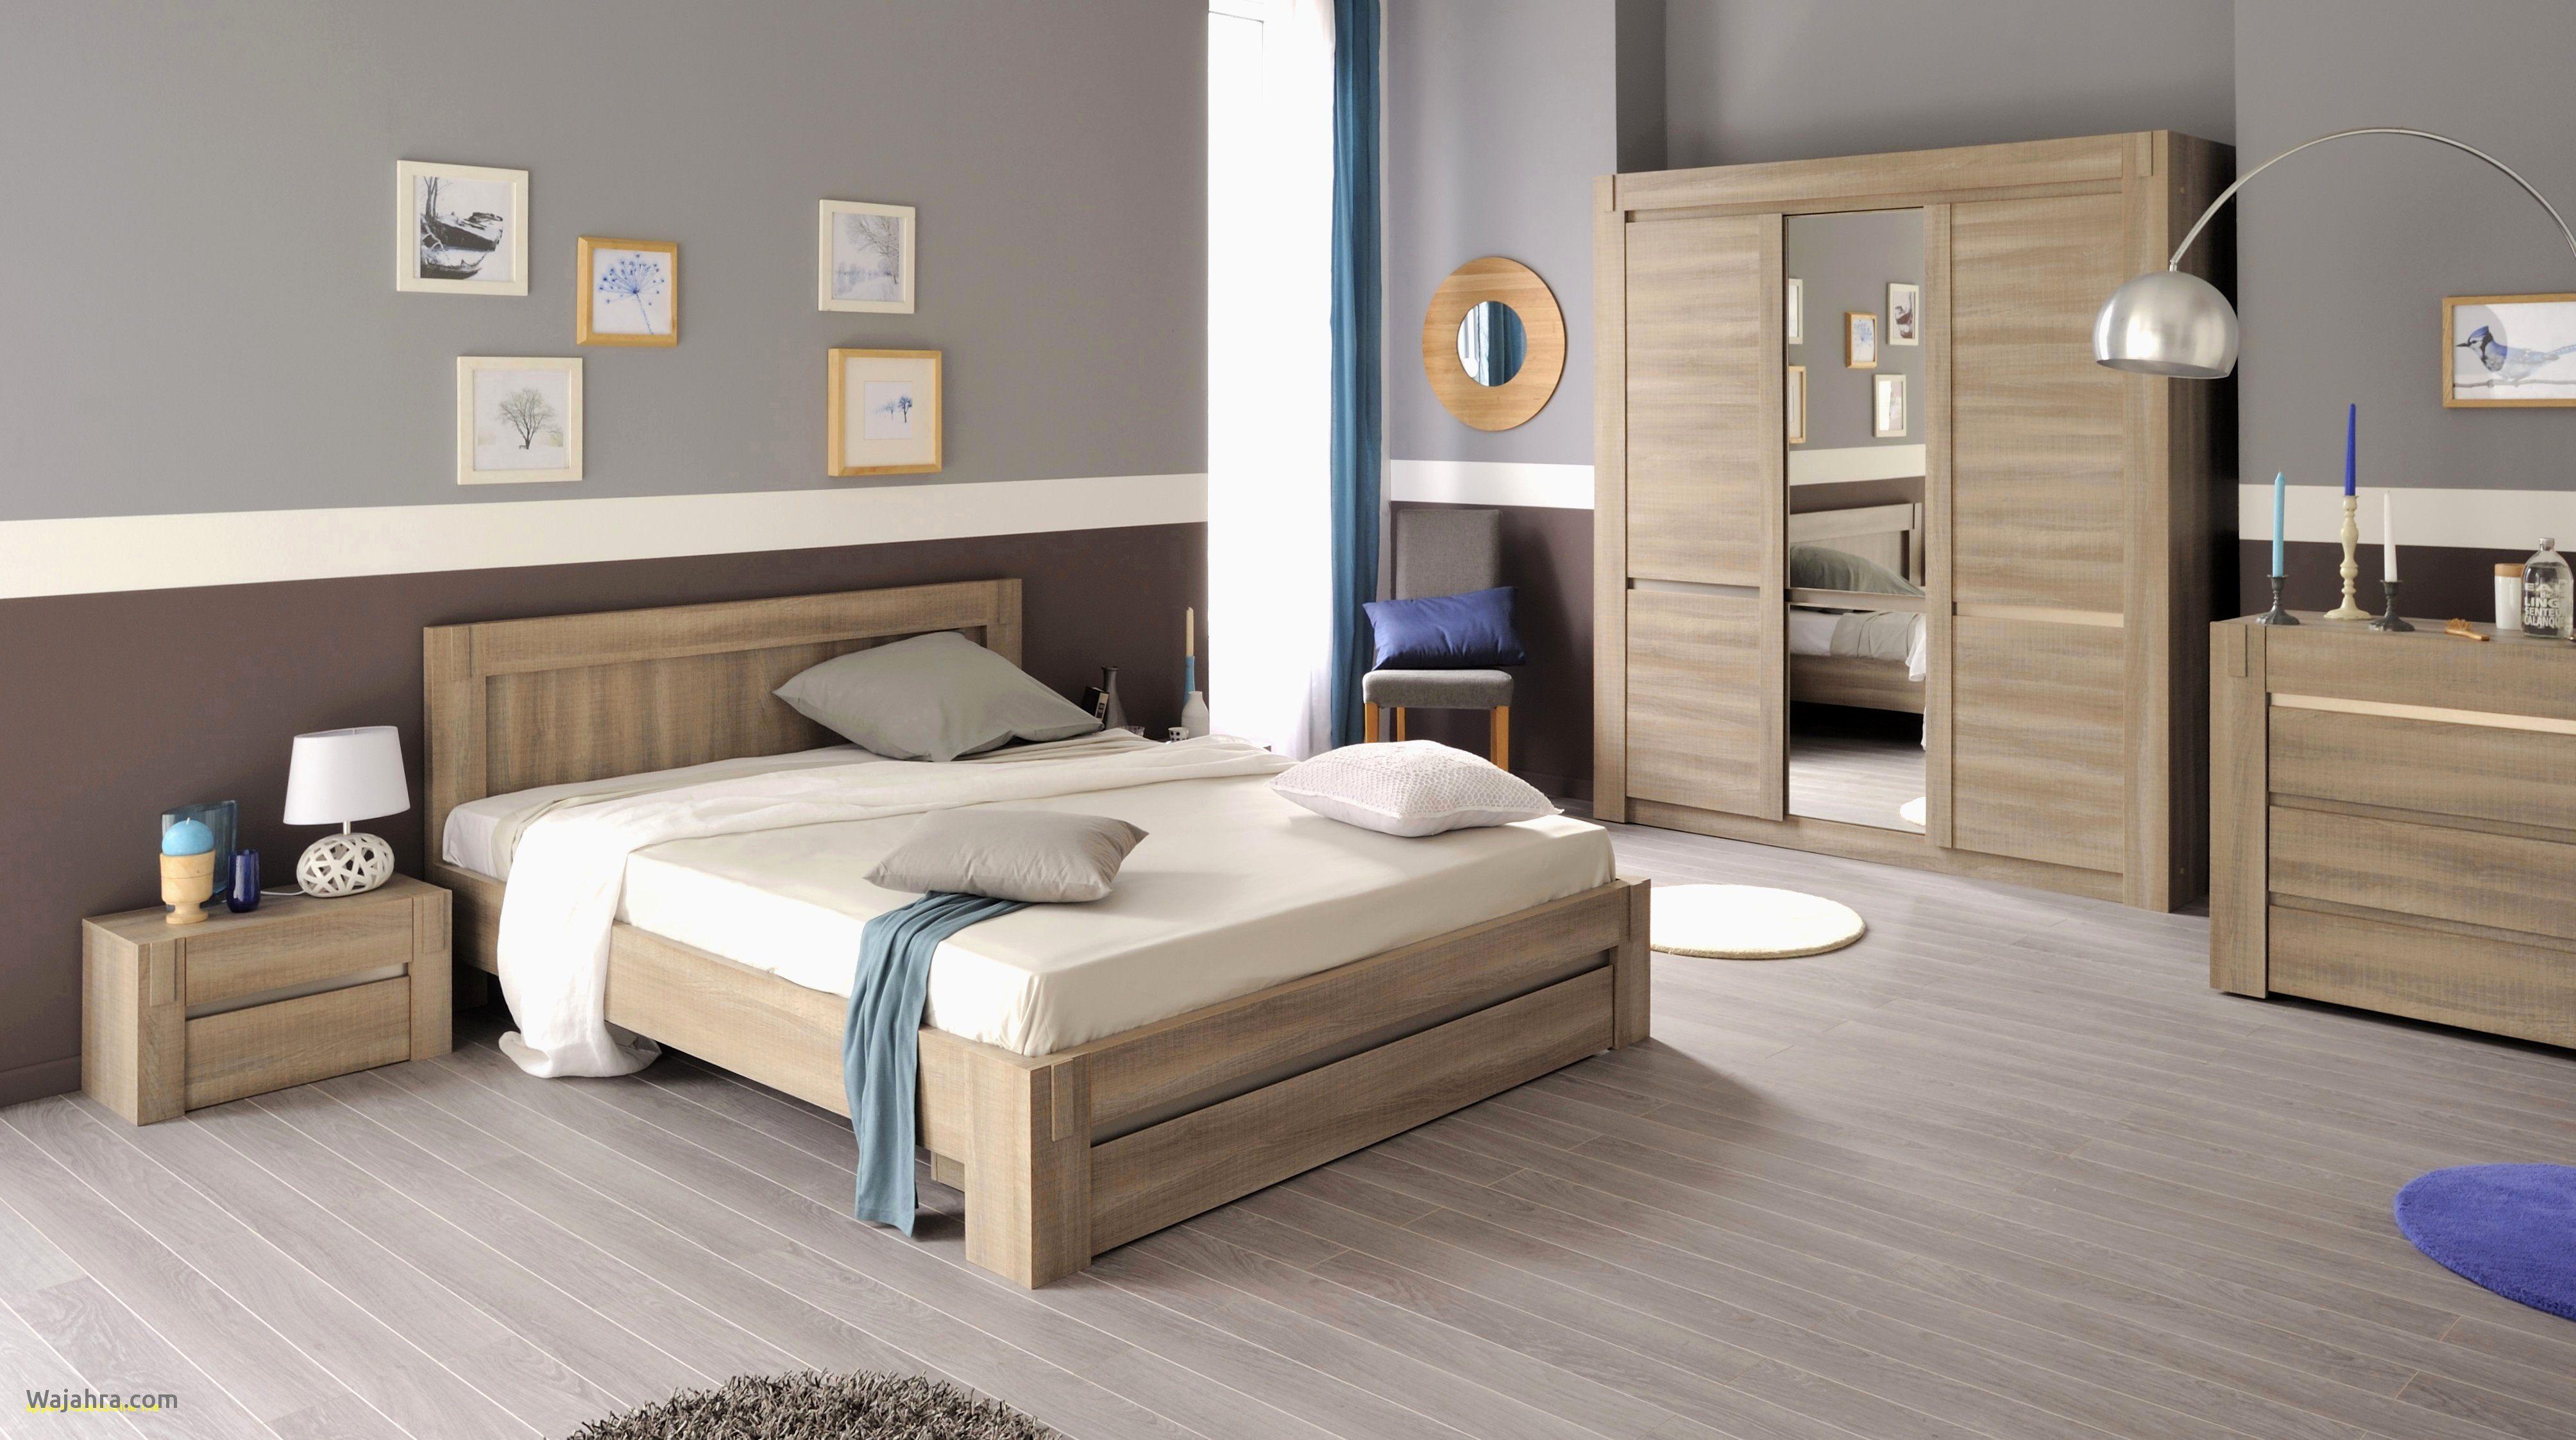 Tete De Lit Design Belle Tete De Lit Bois 180 Tete De Lit Ikea 180 Fauteuil Salon Ikea Fresh